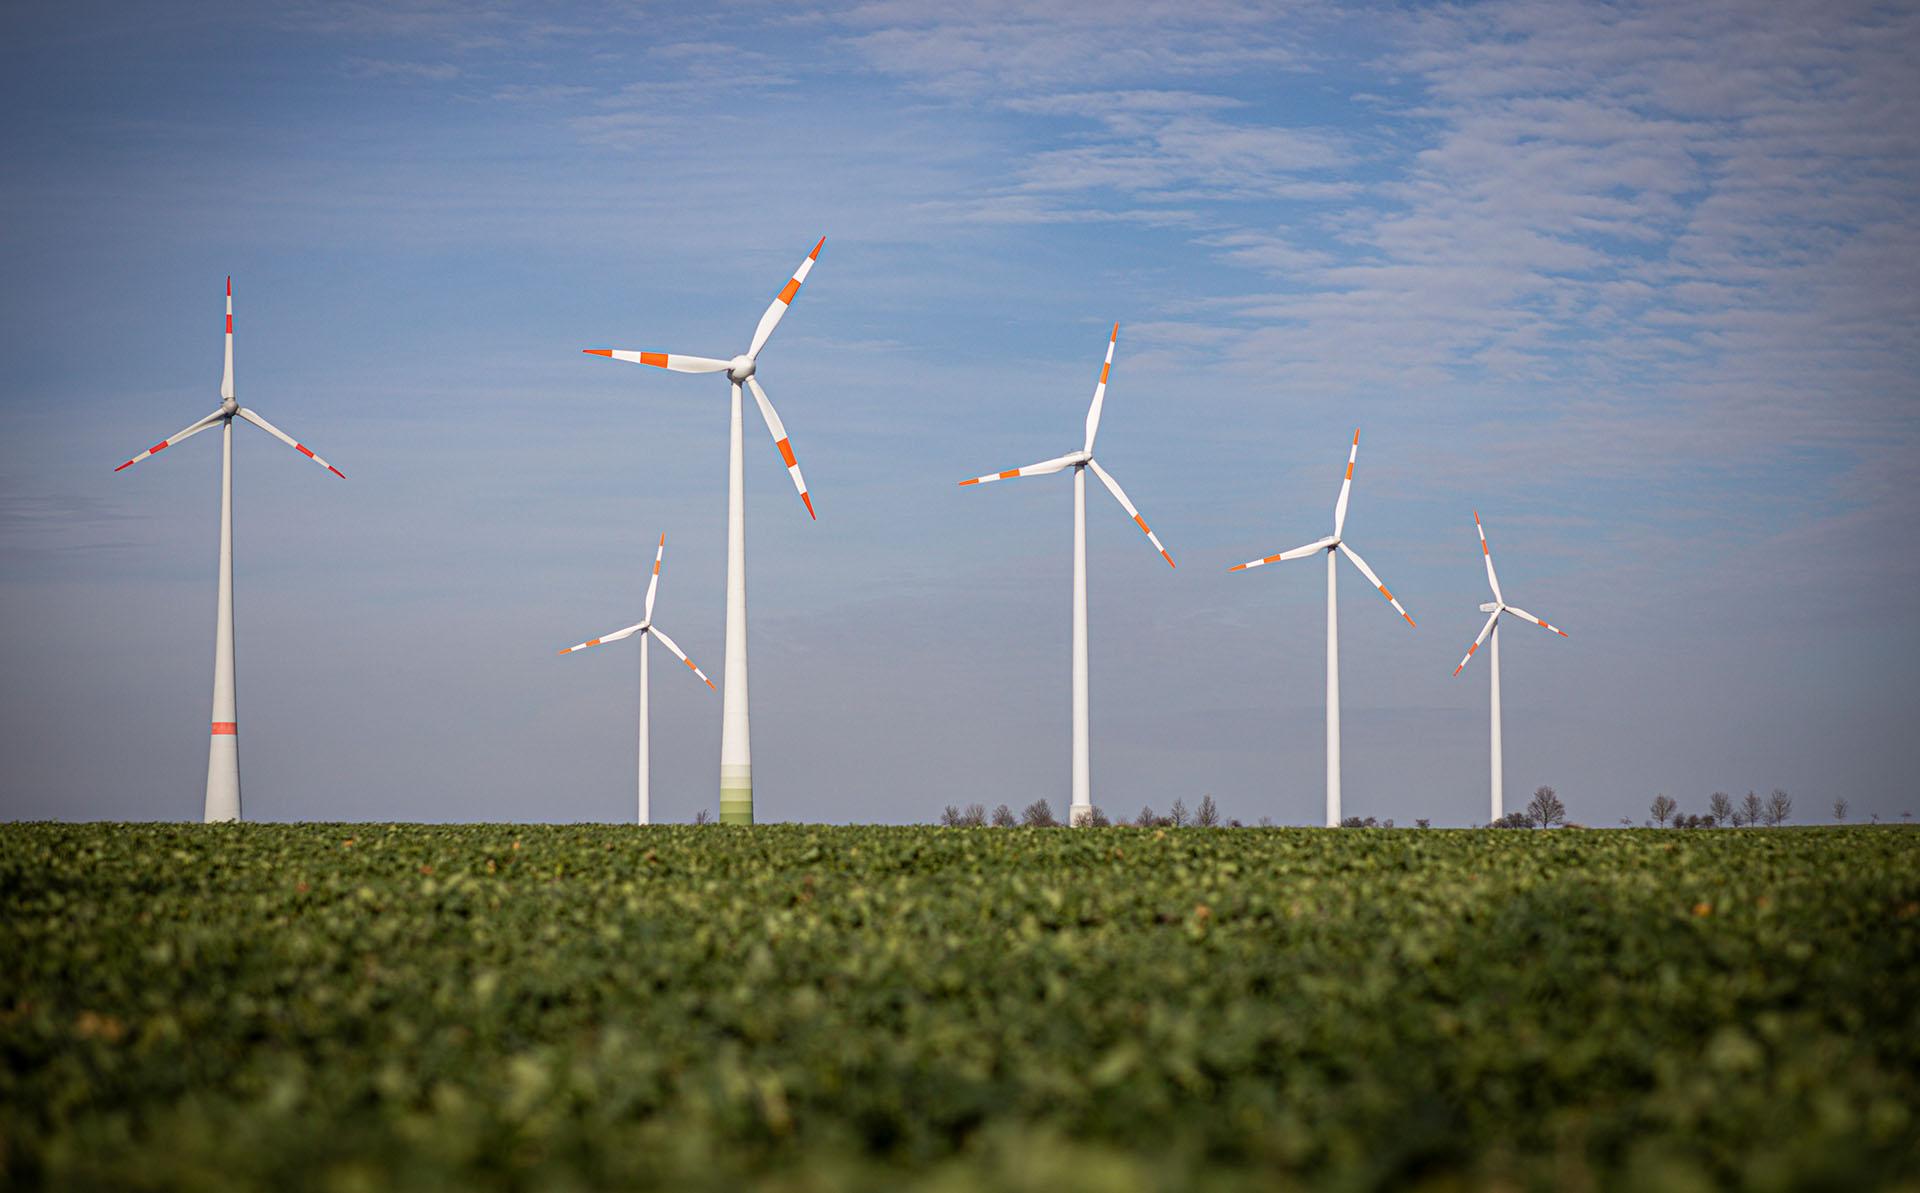 Windkraftanlagen stehen vor blauem Himmel, im Vordergrund ein Kartoffelacker